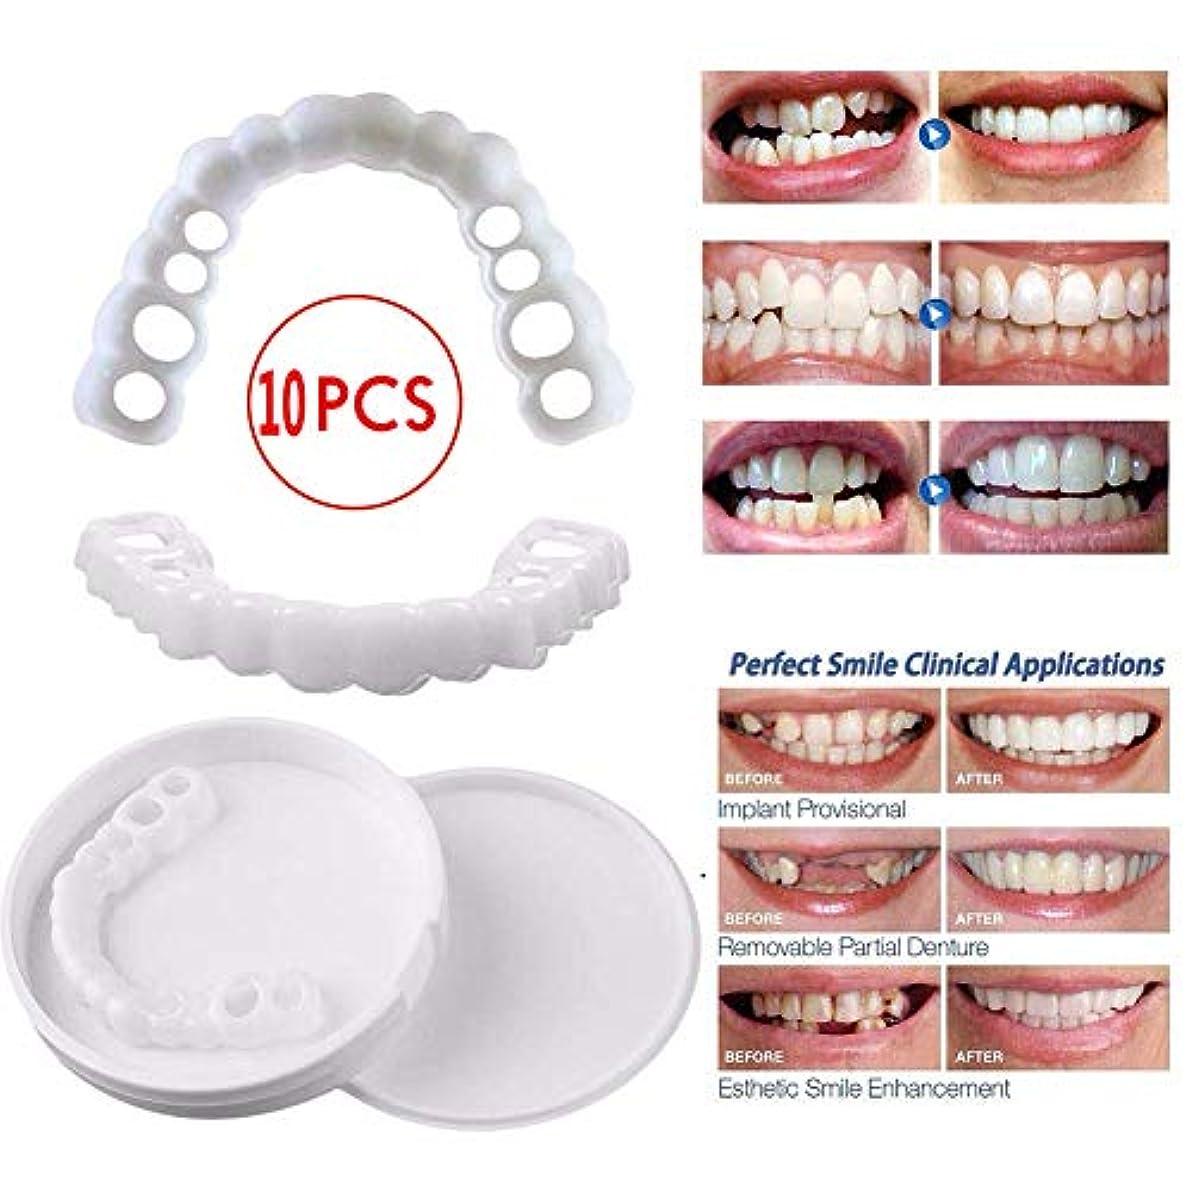 マトン面倒偽善者10個の一時的な歯のホワイトニング、歯の一時的な化粧品の歯の義歯歯の化粧品の収納ボックス付き偽の歯カバー,10pcsupperteeth